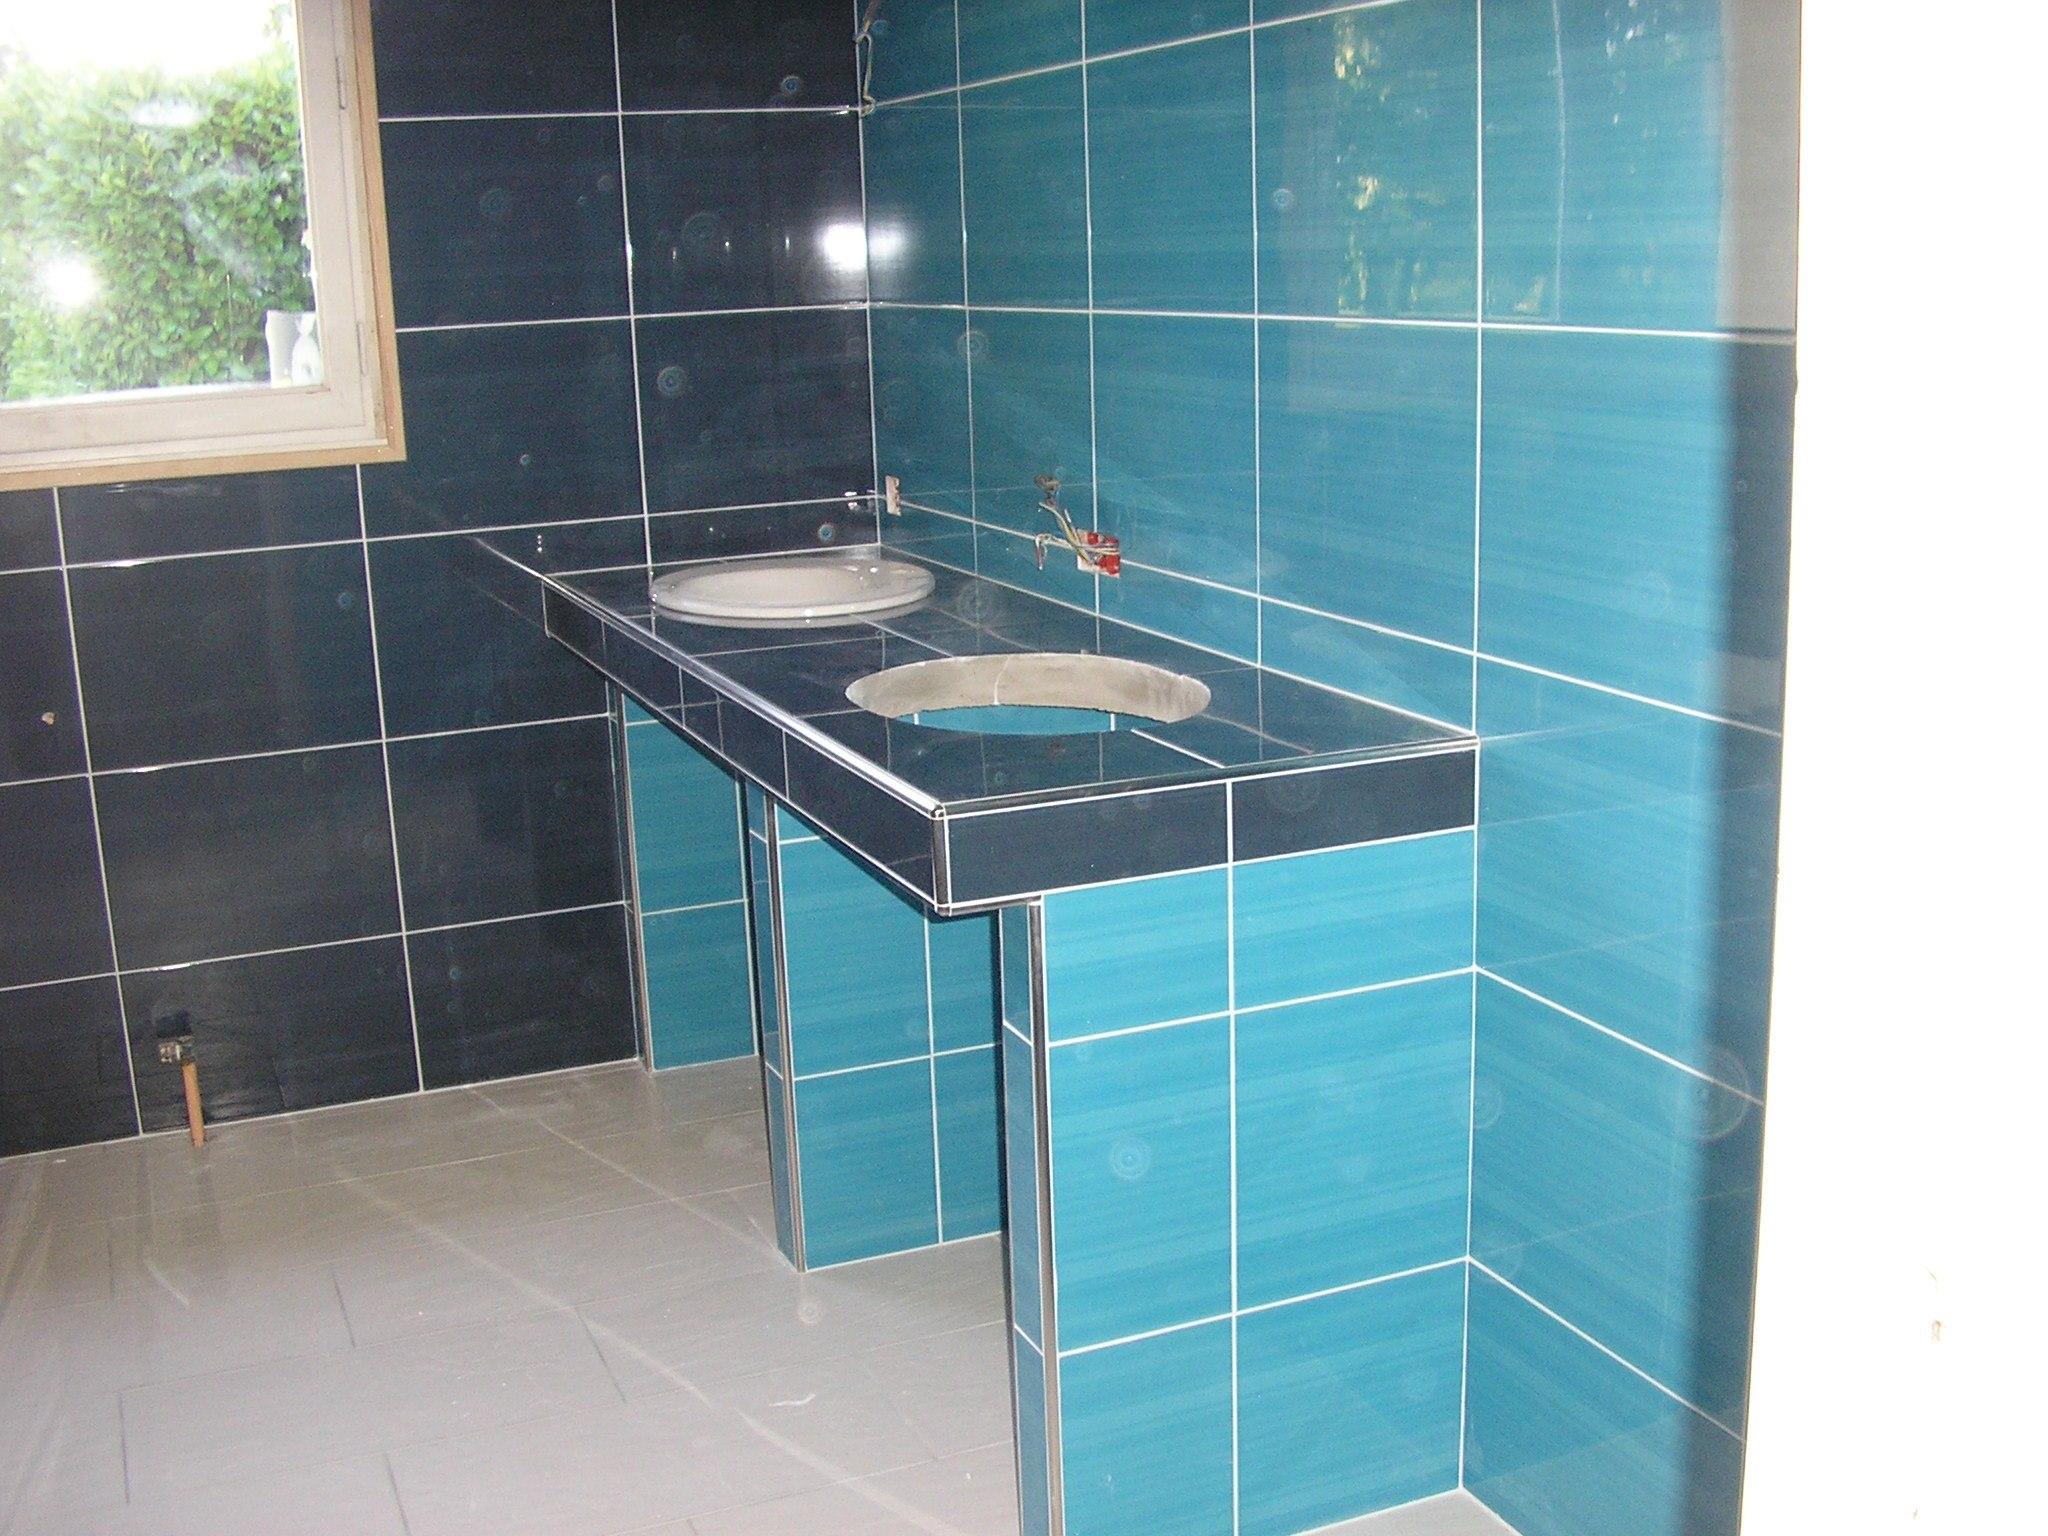 fa ence de salle de bain carrelage feugier. Black Bedroom Furniture Sets. Home Design Ideas